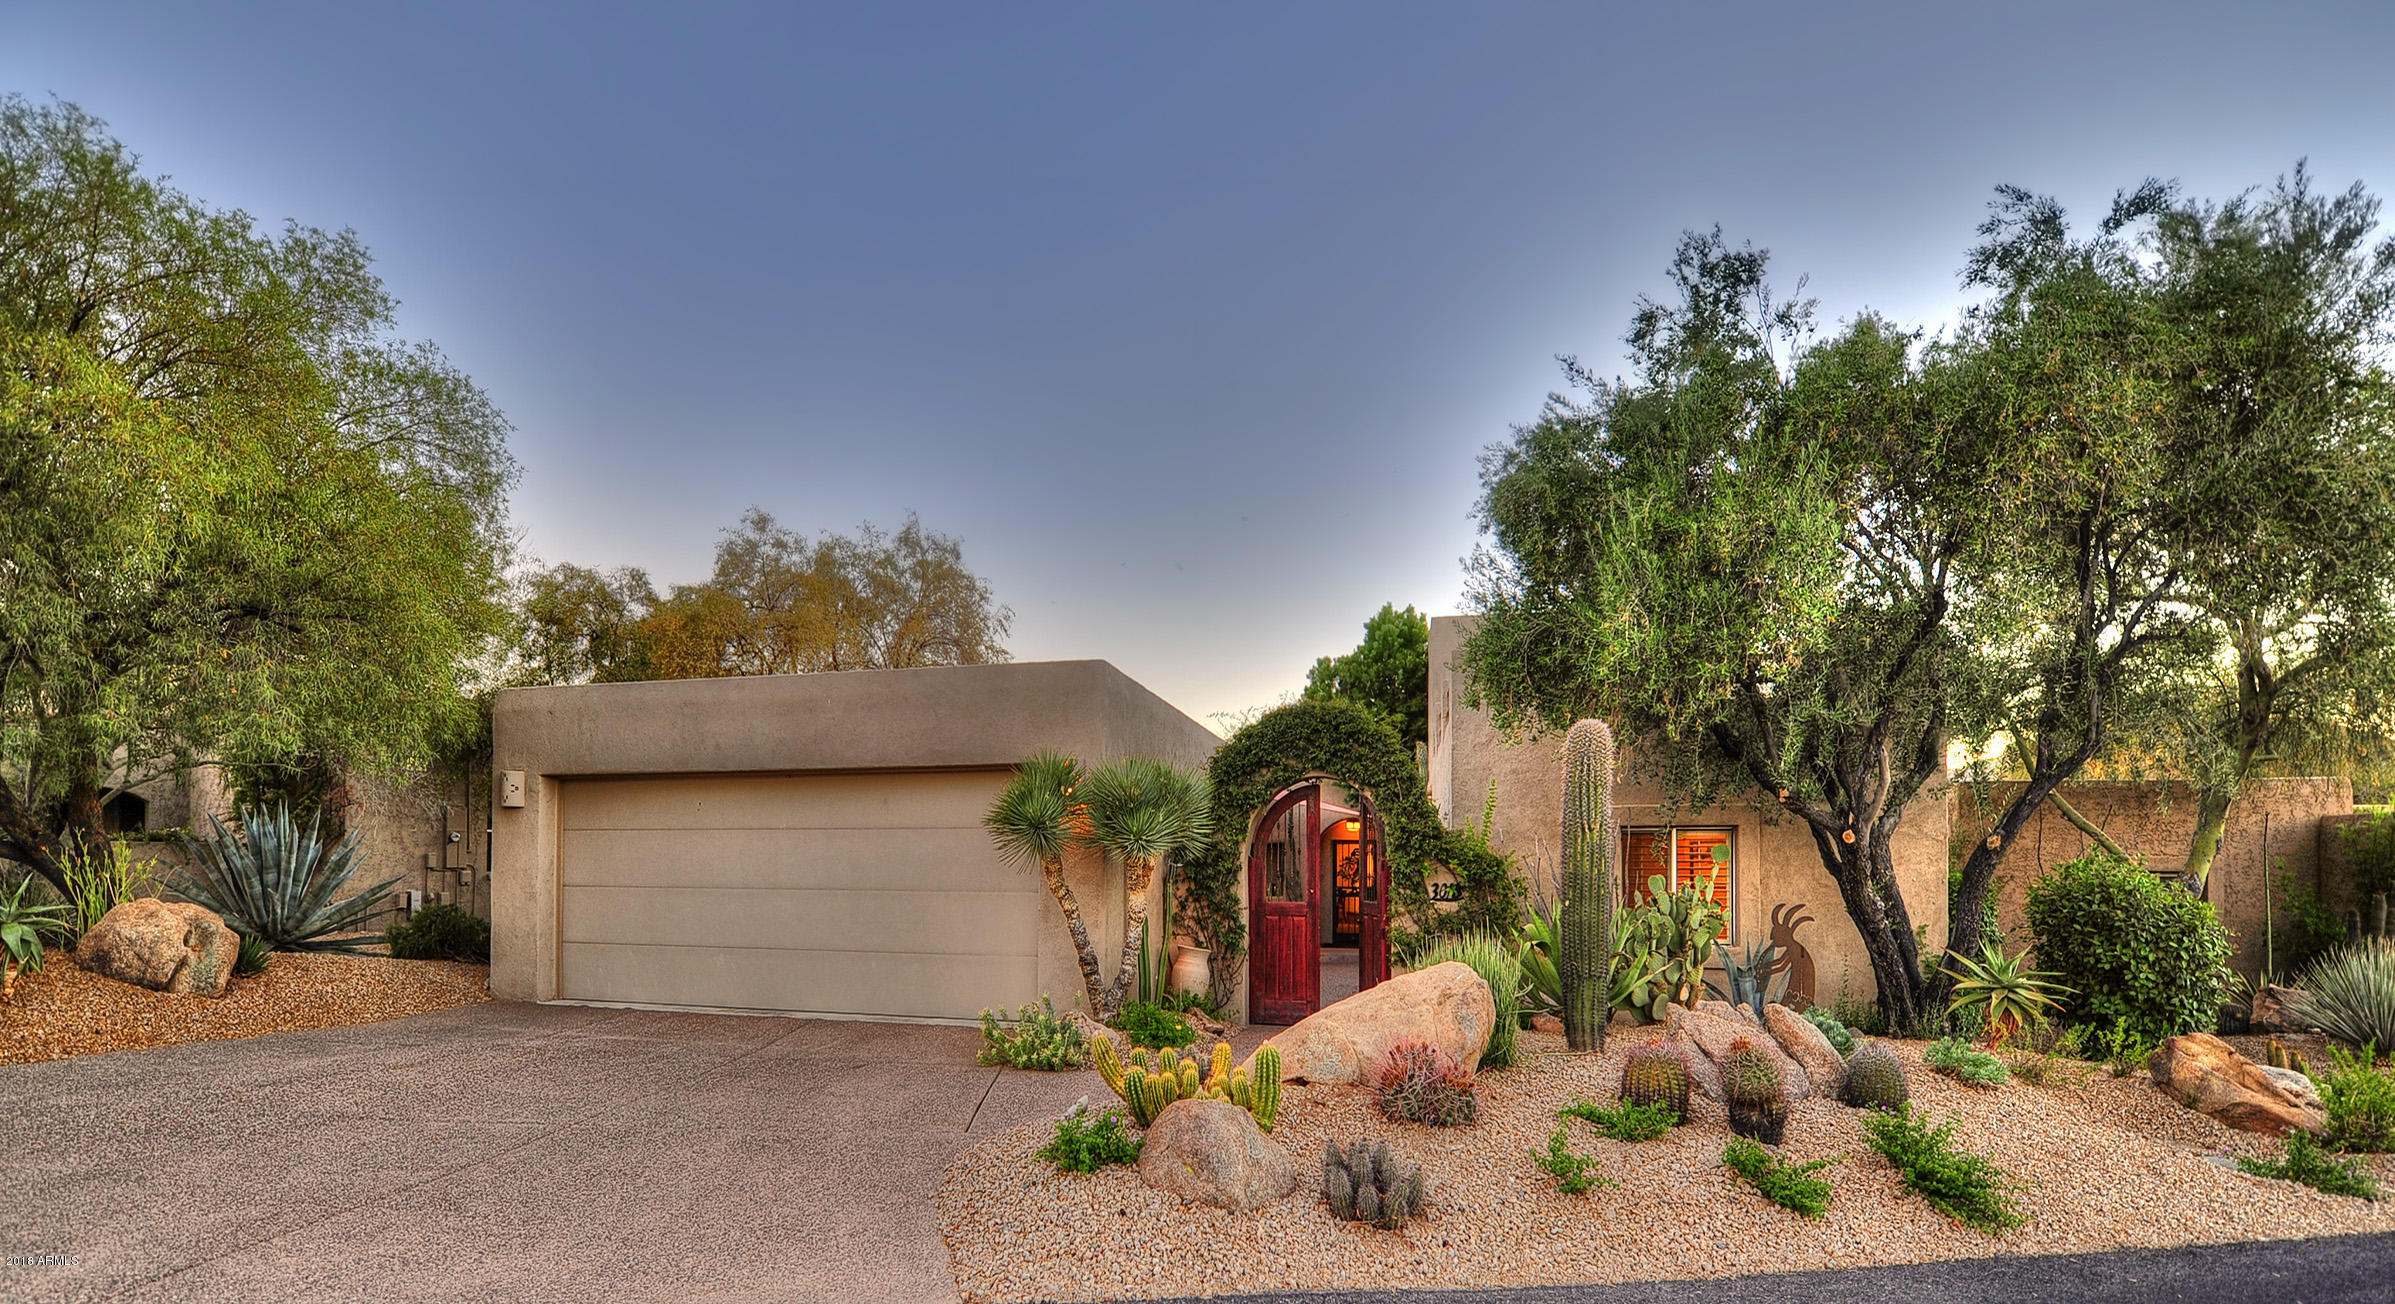 3018 E Ironwood Circle, Carefree AZ 85377 - Photo 2